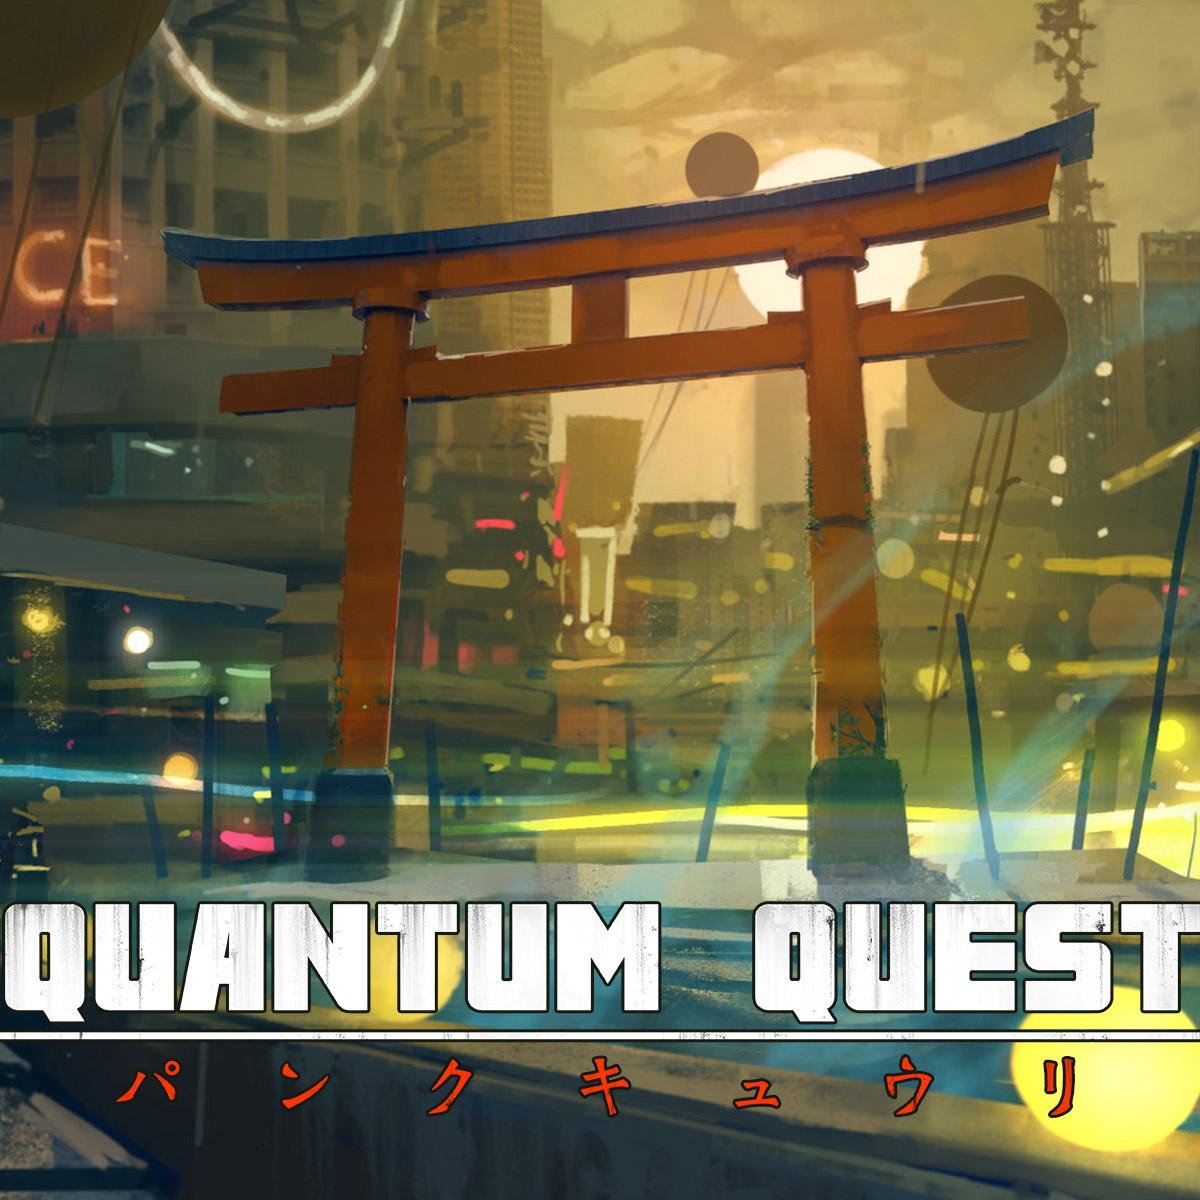 QuantumQuest